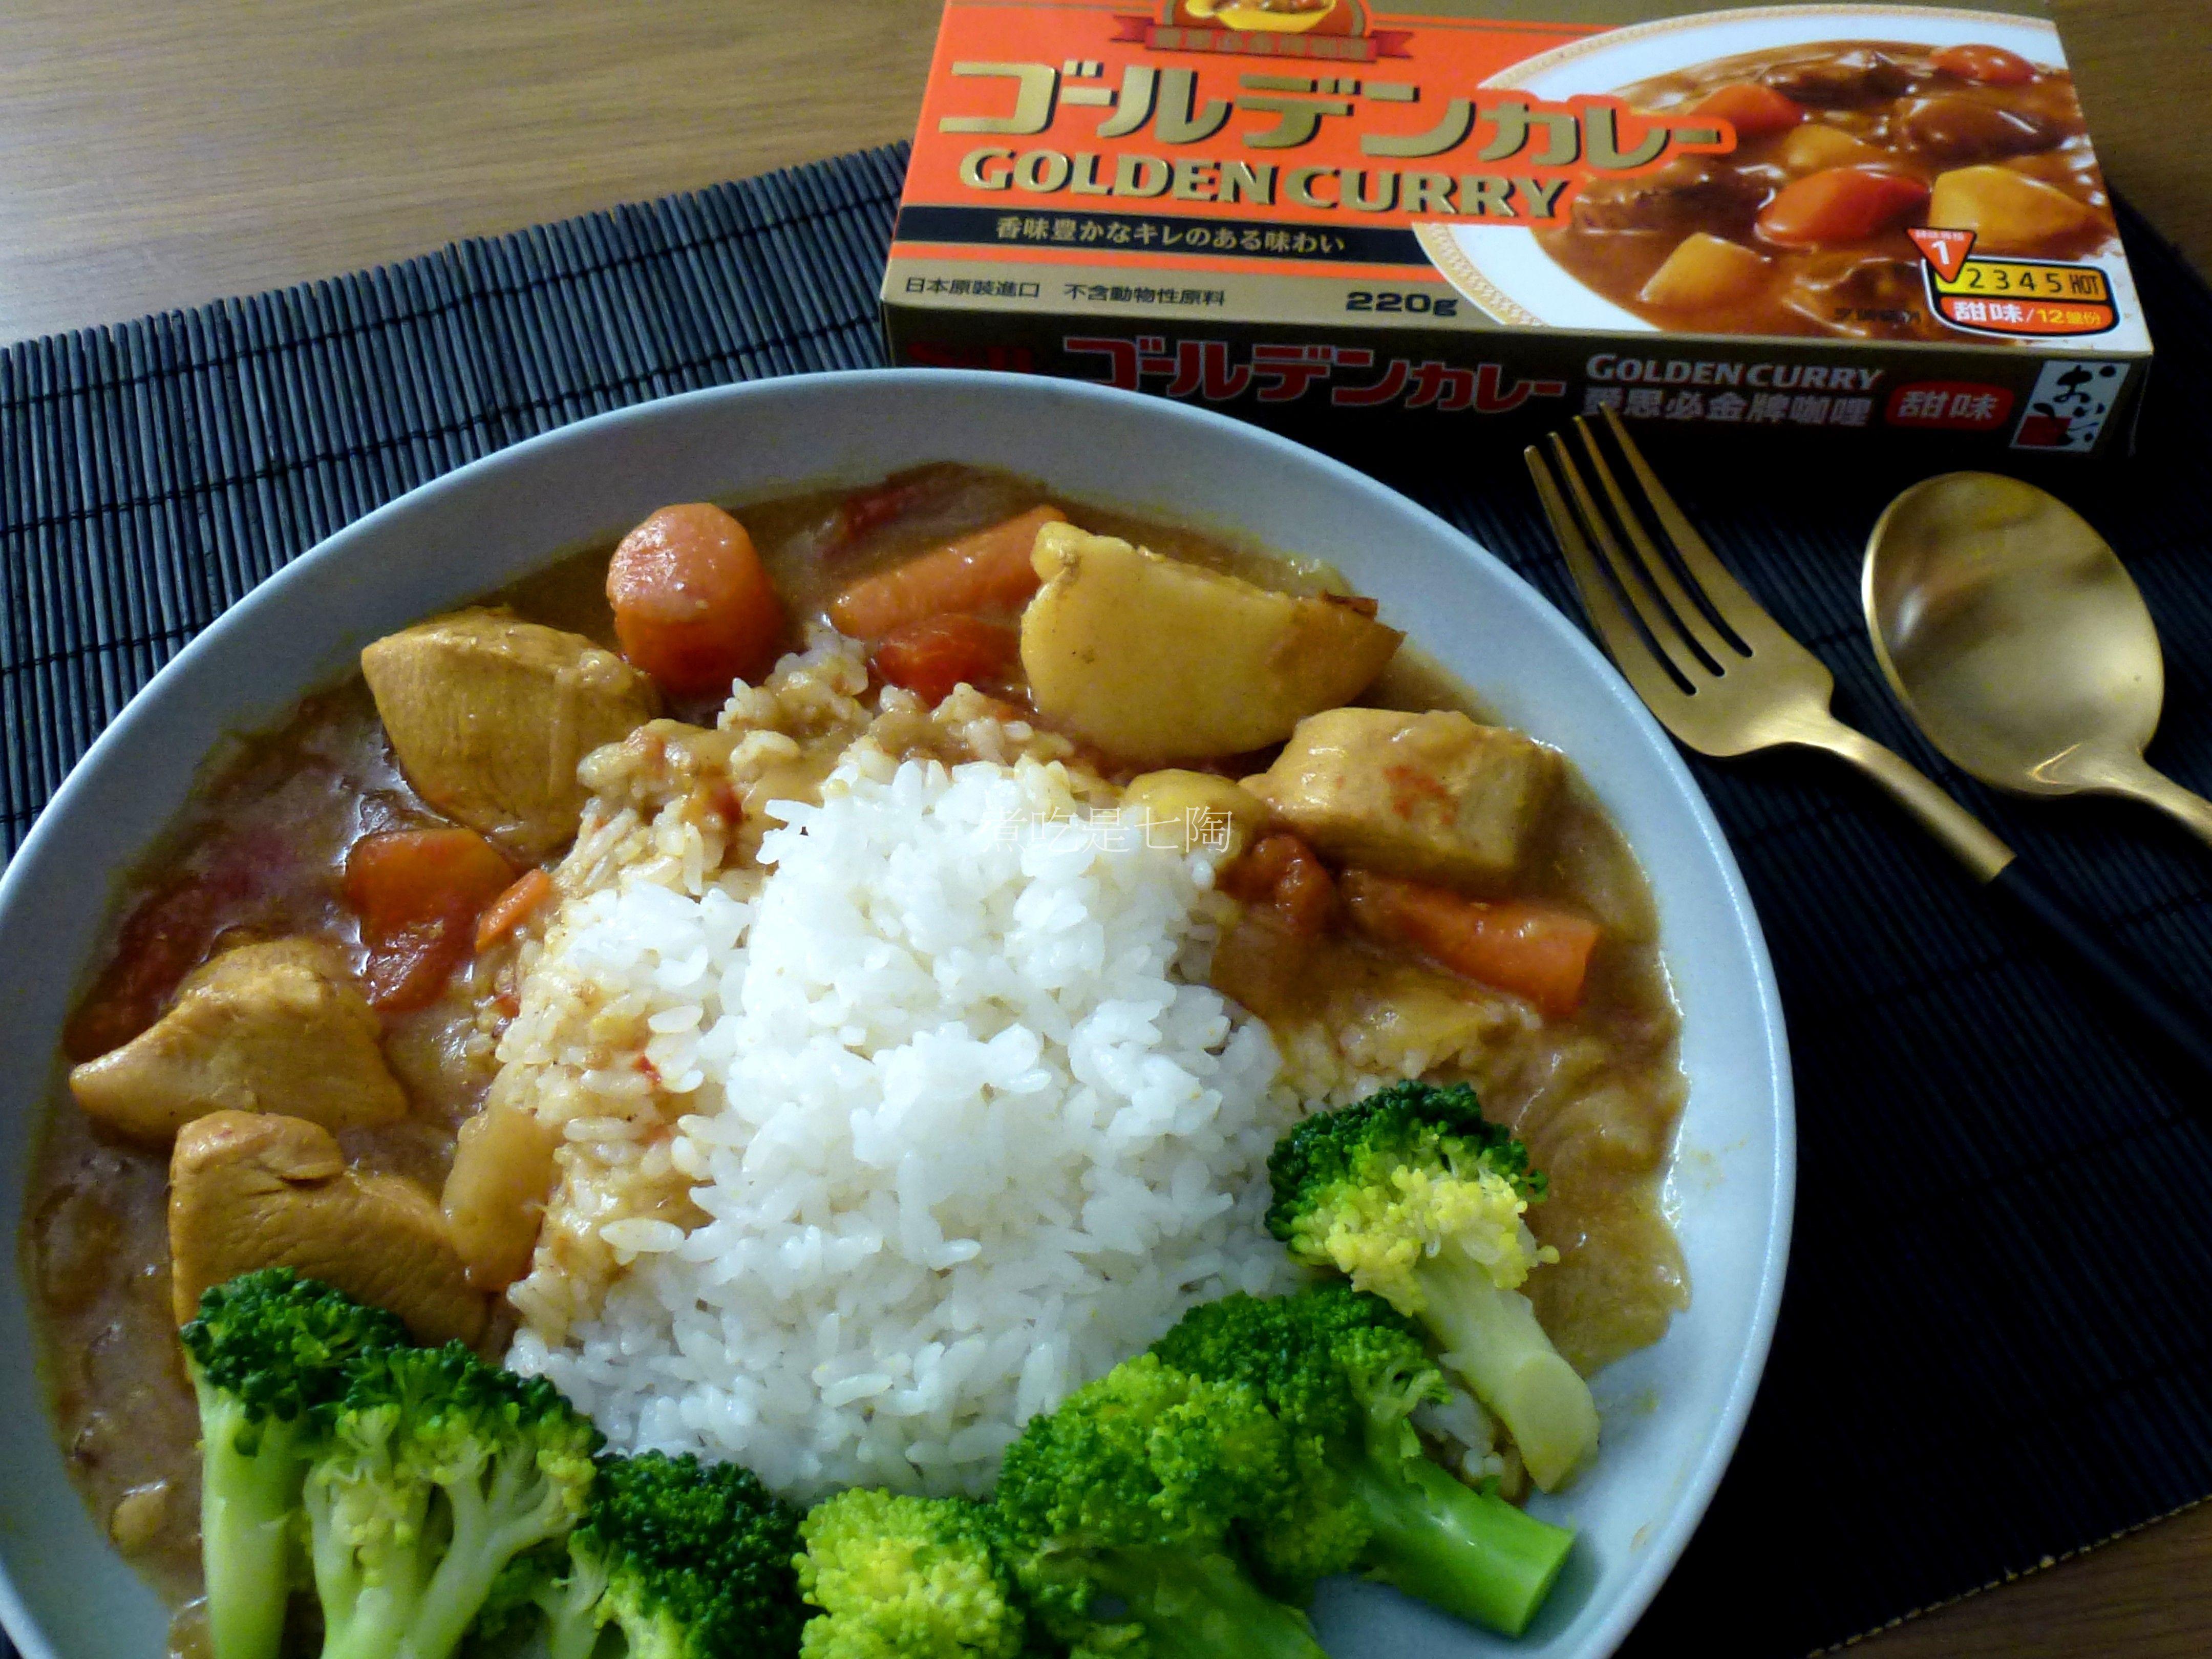 一鍋咖哩、一碗飯、一道菜、一盤水果、一杯湯,滿足~的第 4 張圖片